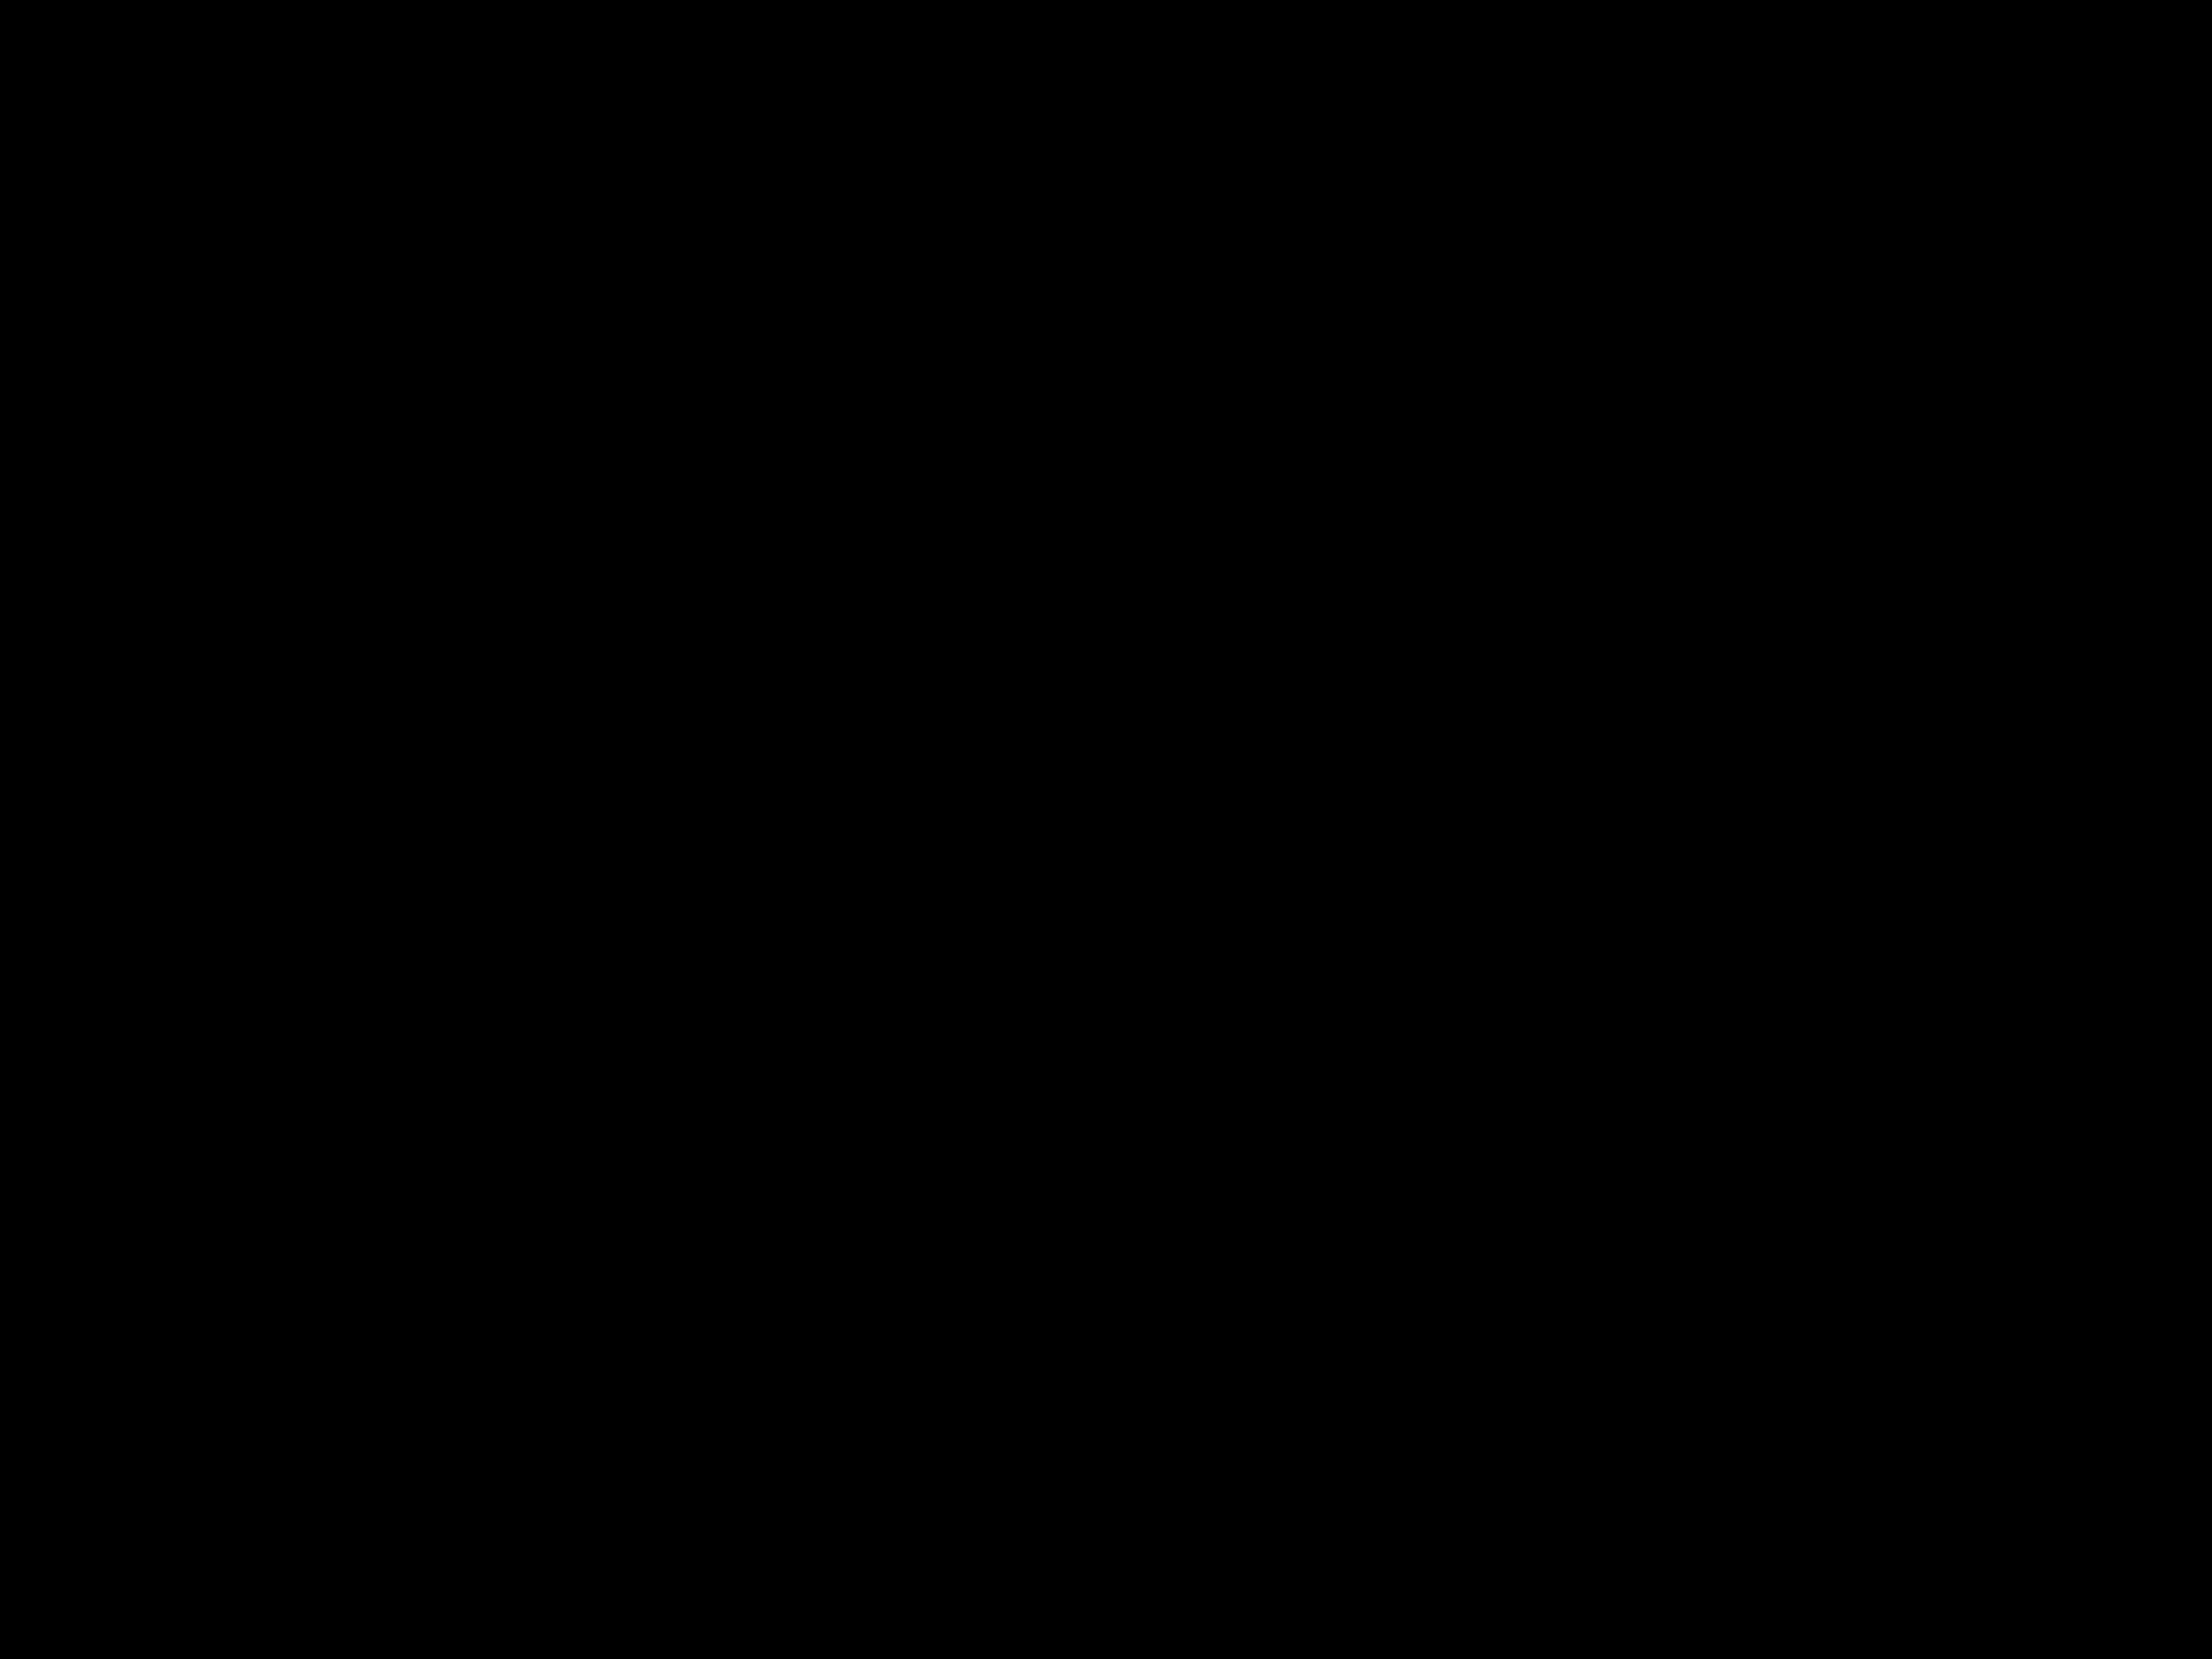 Villapark Eikelenburgh bevindt zich in Fase 8